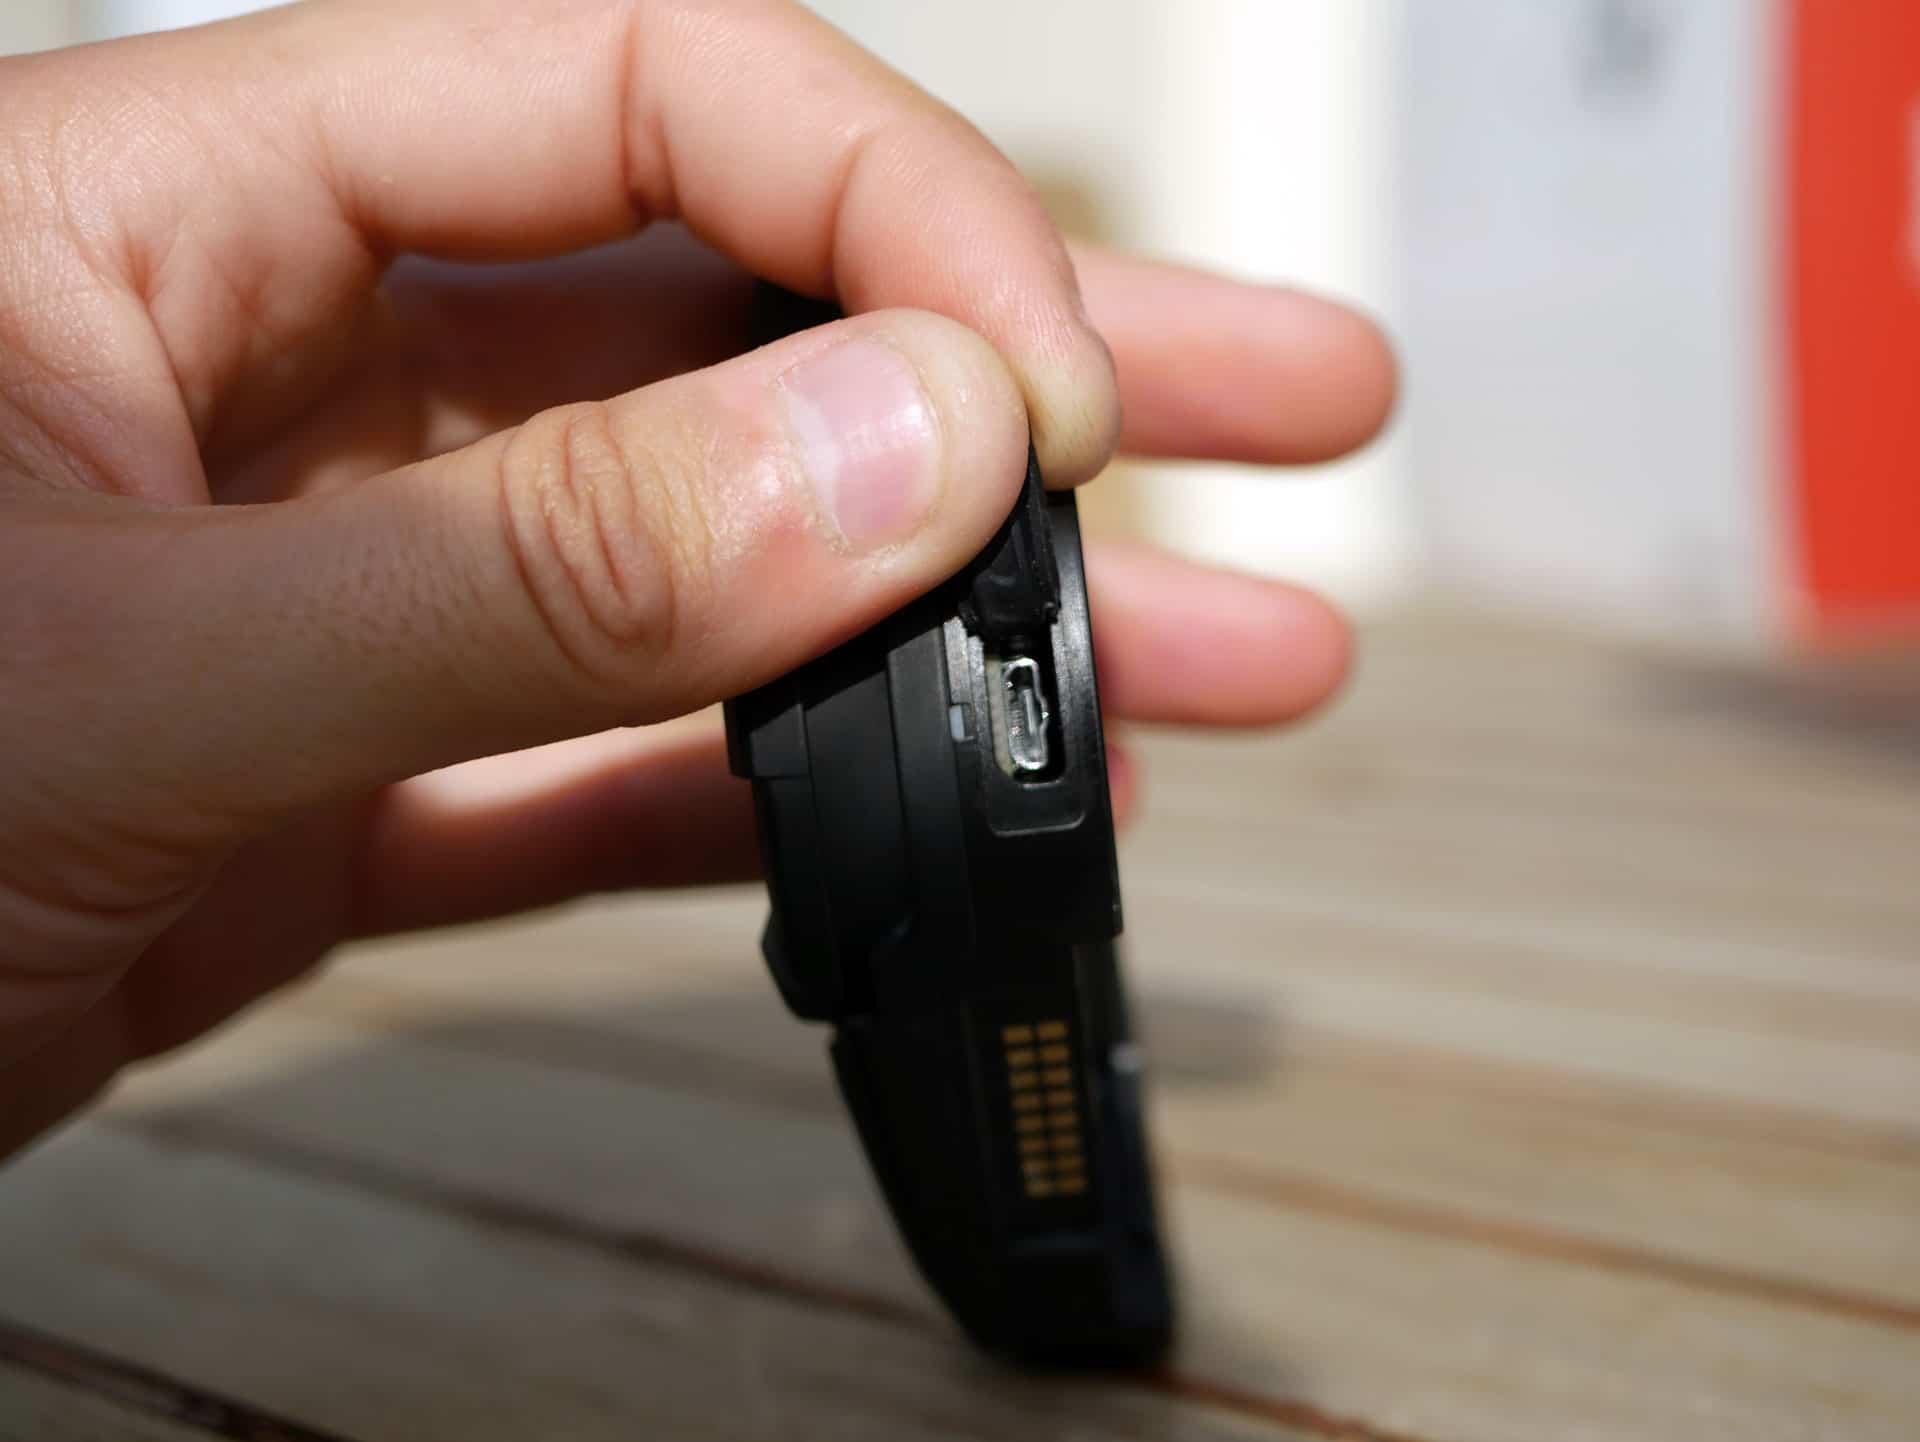 La charge se fait via un port micro USB